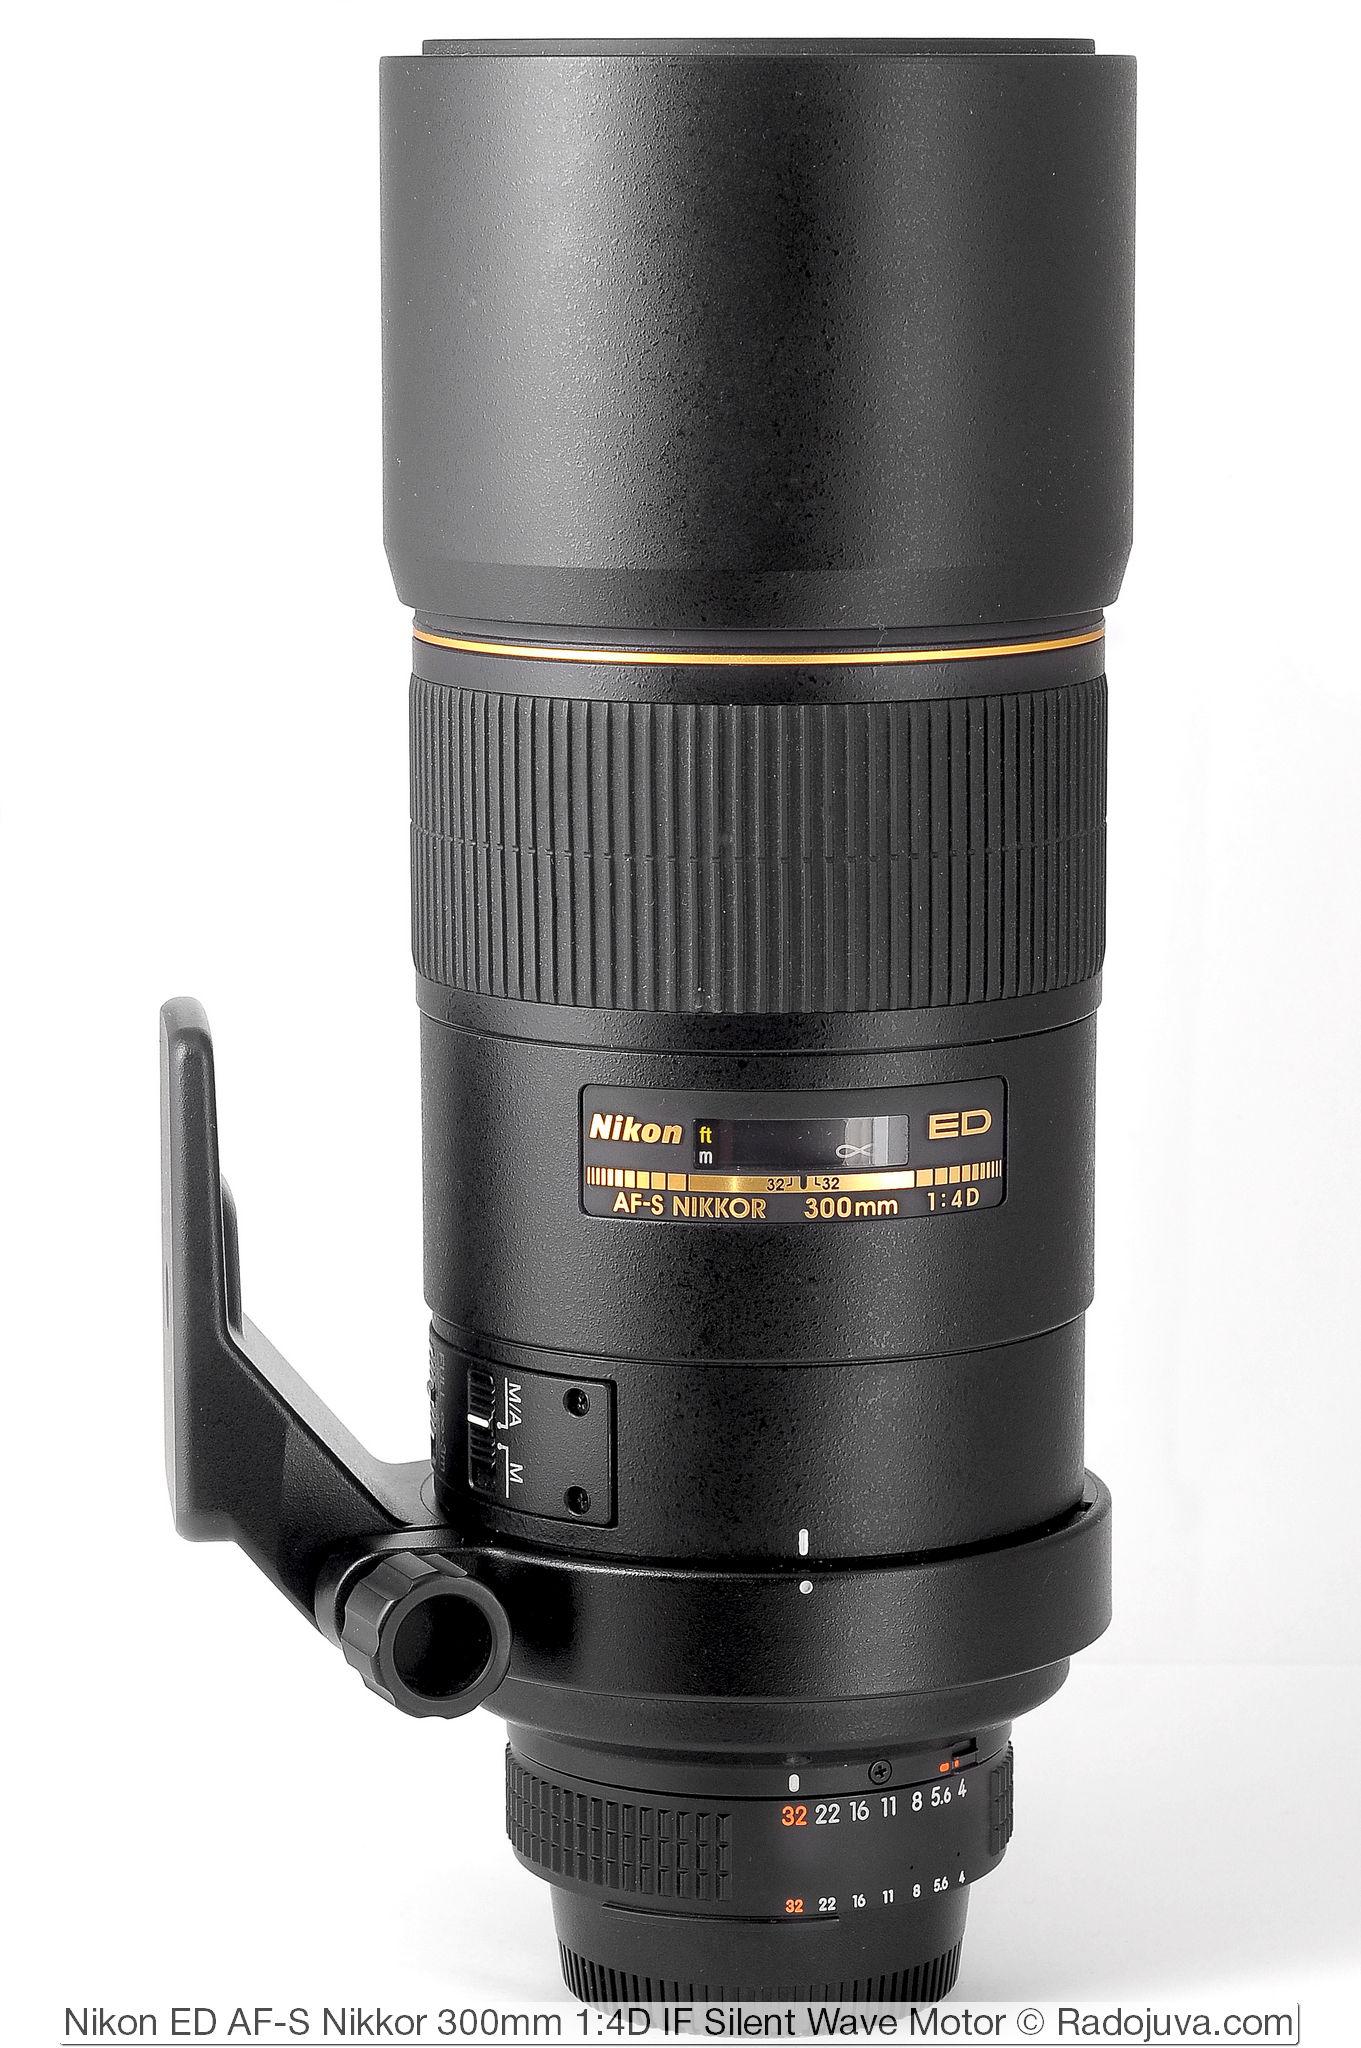 Nikon ED AF-S Nikkor 300mm 1:4D IF Silent Wave Motor